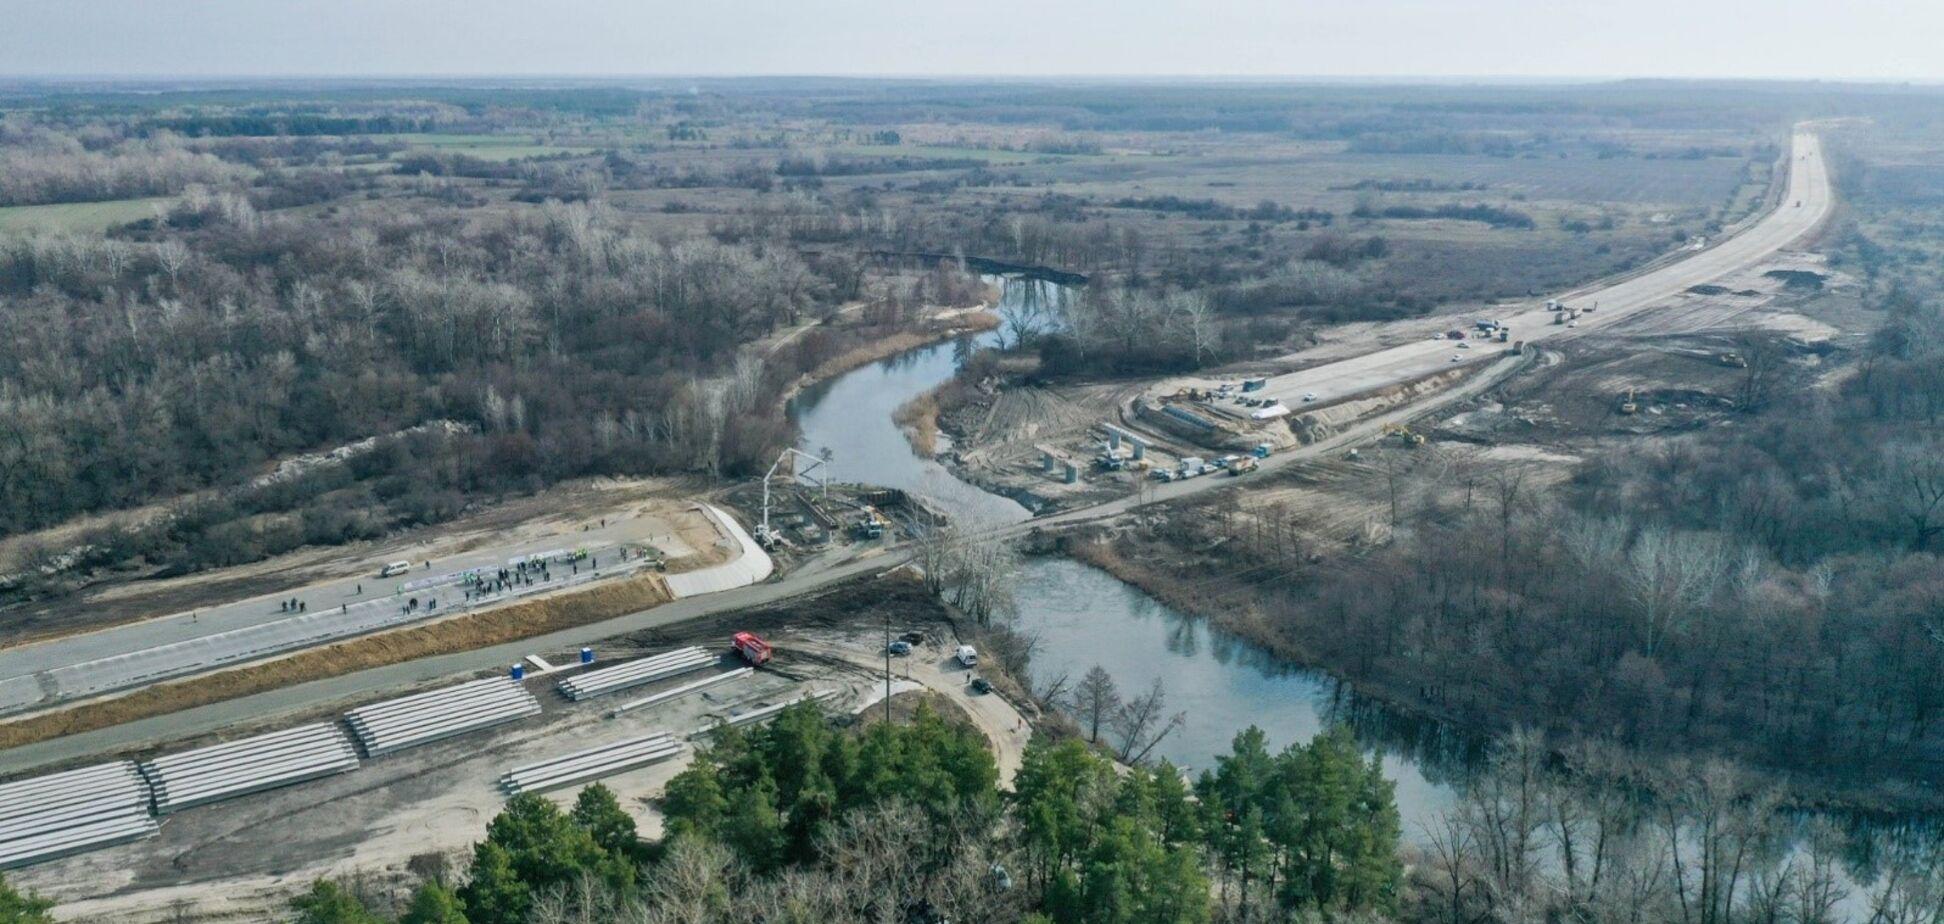 Траса Решетилівка-Дніпро буде добудована в цьому році – координатор 'Великого будівництва' Голик